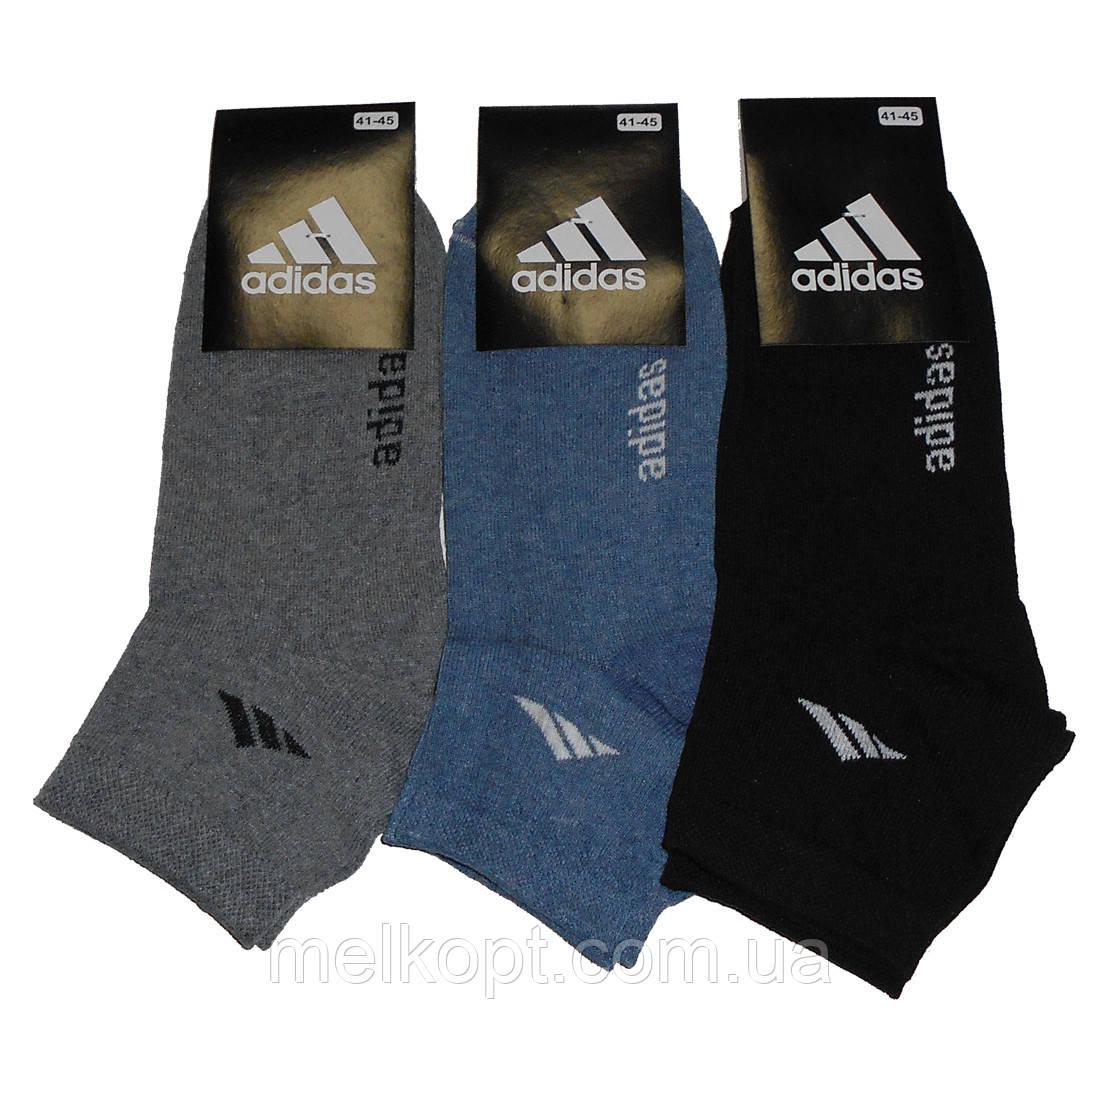 """Чоловічі шкарпетки з написом """"Adidas"""" - 8,75 грн./пара (темне асорті)"""